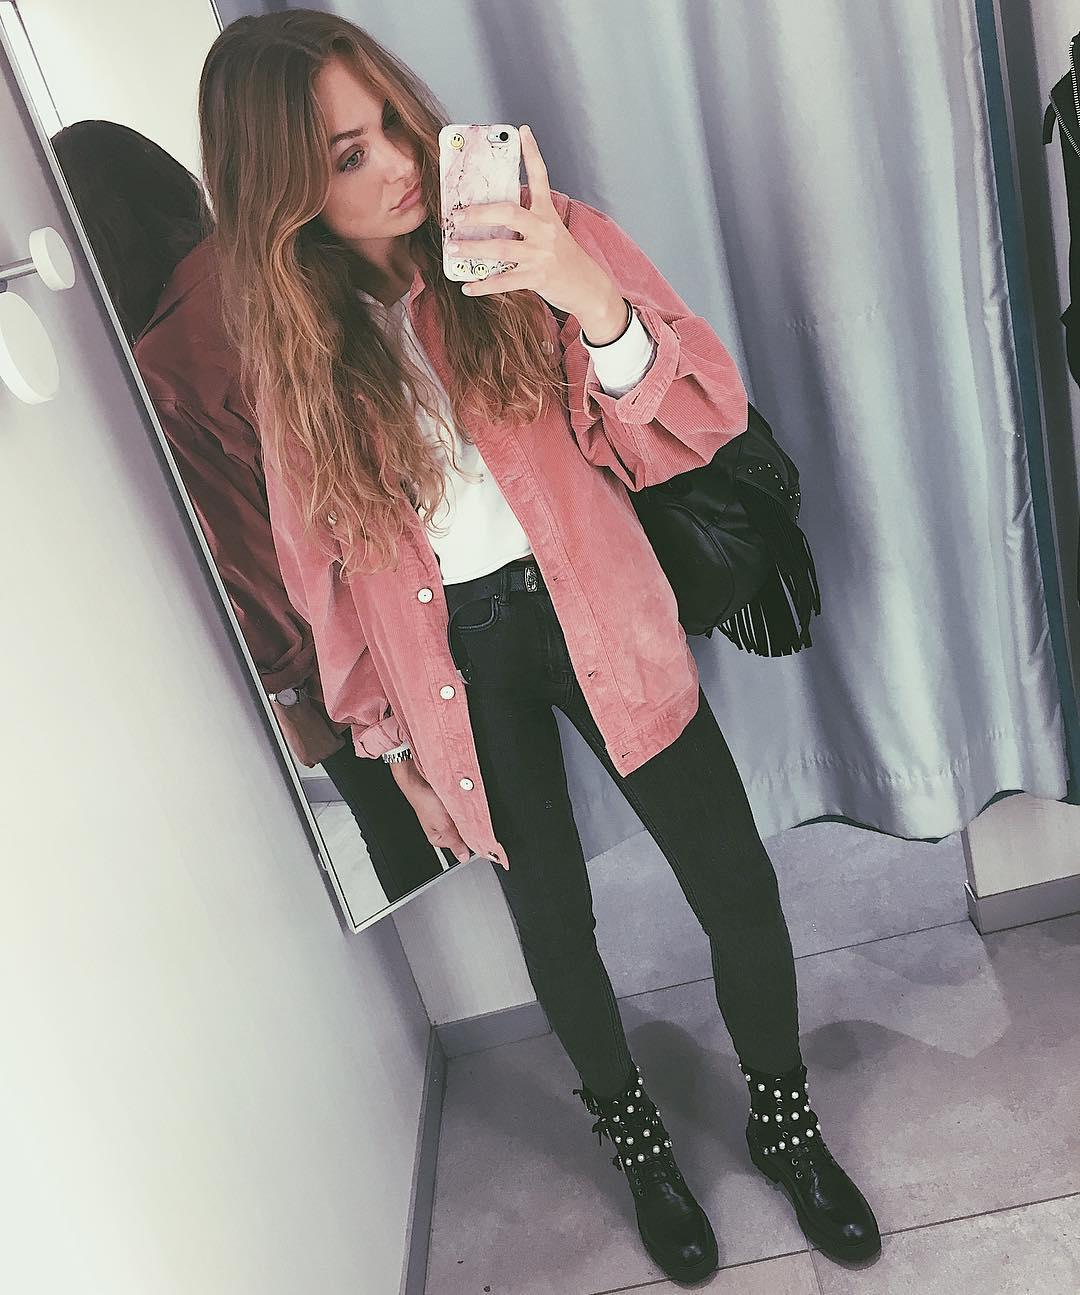 Đôi boots vừa bụi vừa sang chảnh công chúa này đang là món đồ hot nhất của Zara, tưởng chừng cả Instagram đều đang diện nó - Ảnh 13.